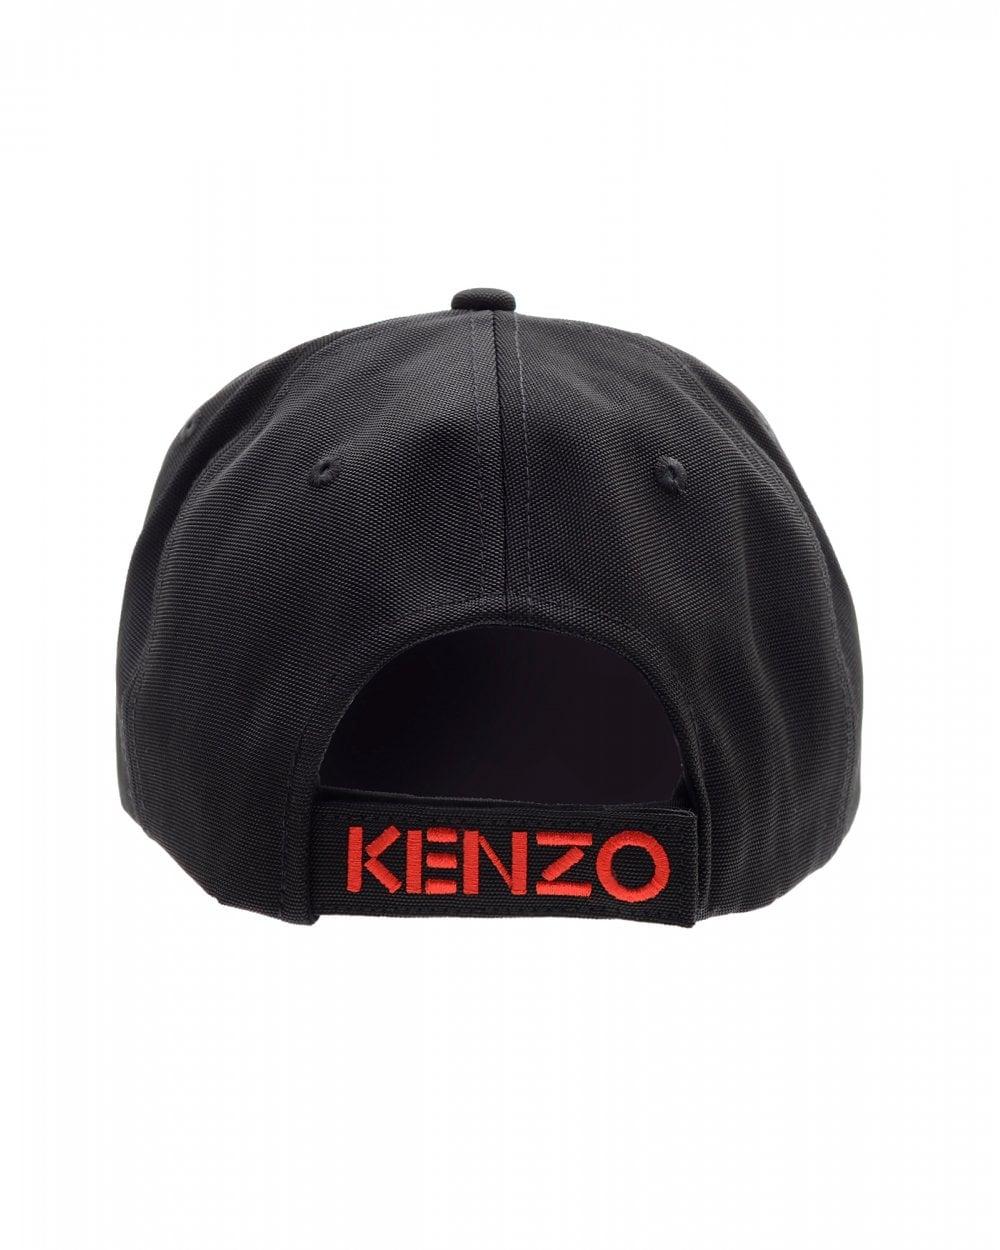 8b48c815a3 Kenzo Mens Tiger Canvas Baseball Cap, Black Hat